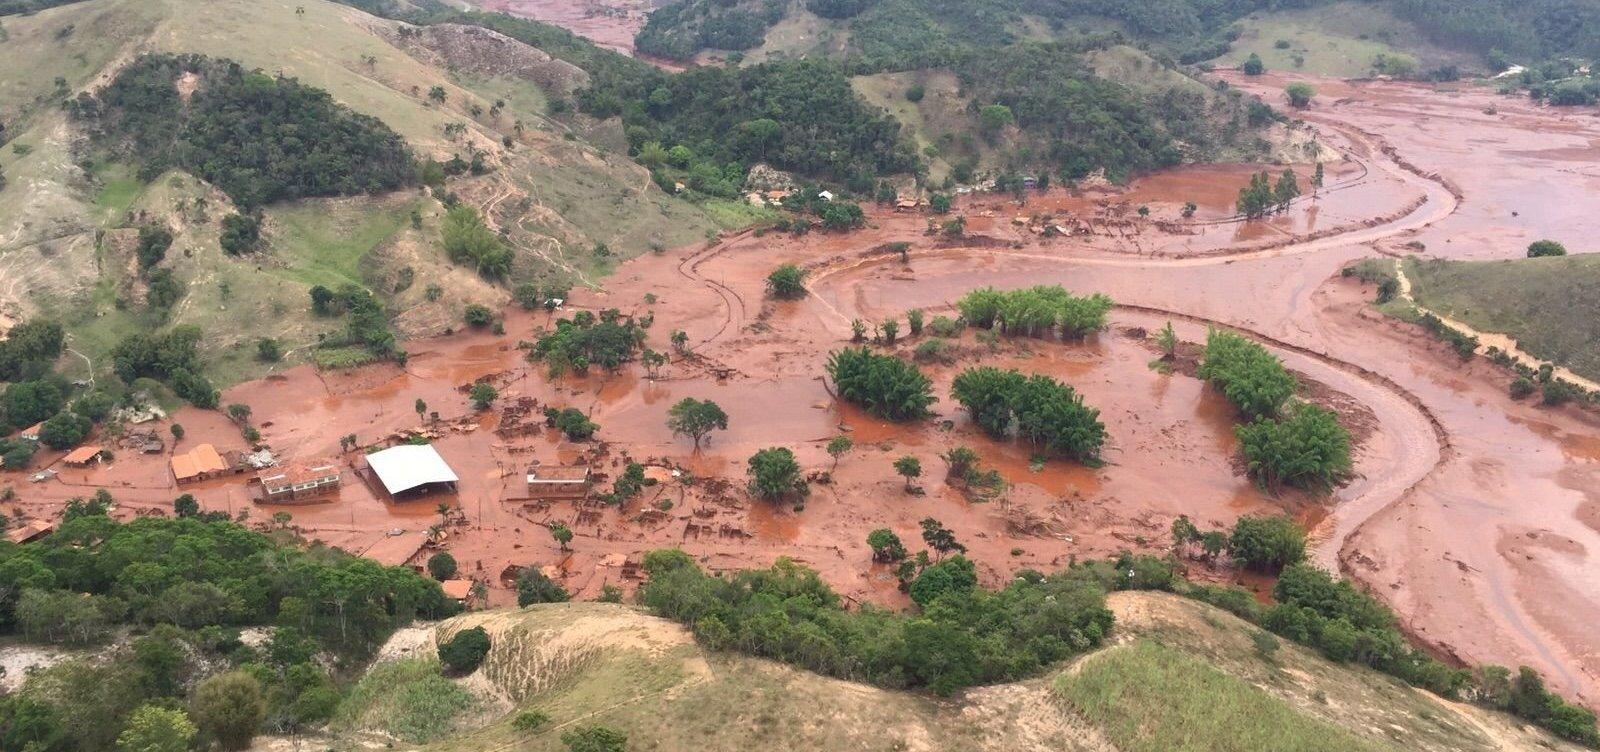 [Acordo de indenização final para atingidos por desastre de Mariana é fechado, diz MP-MG]